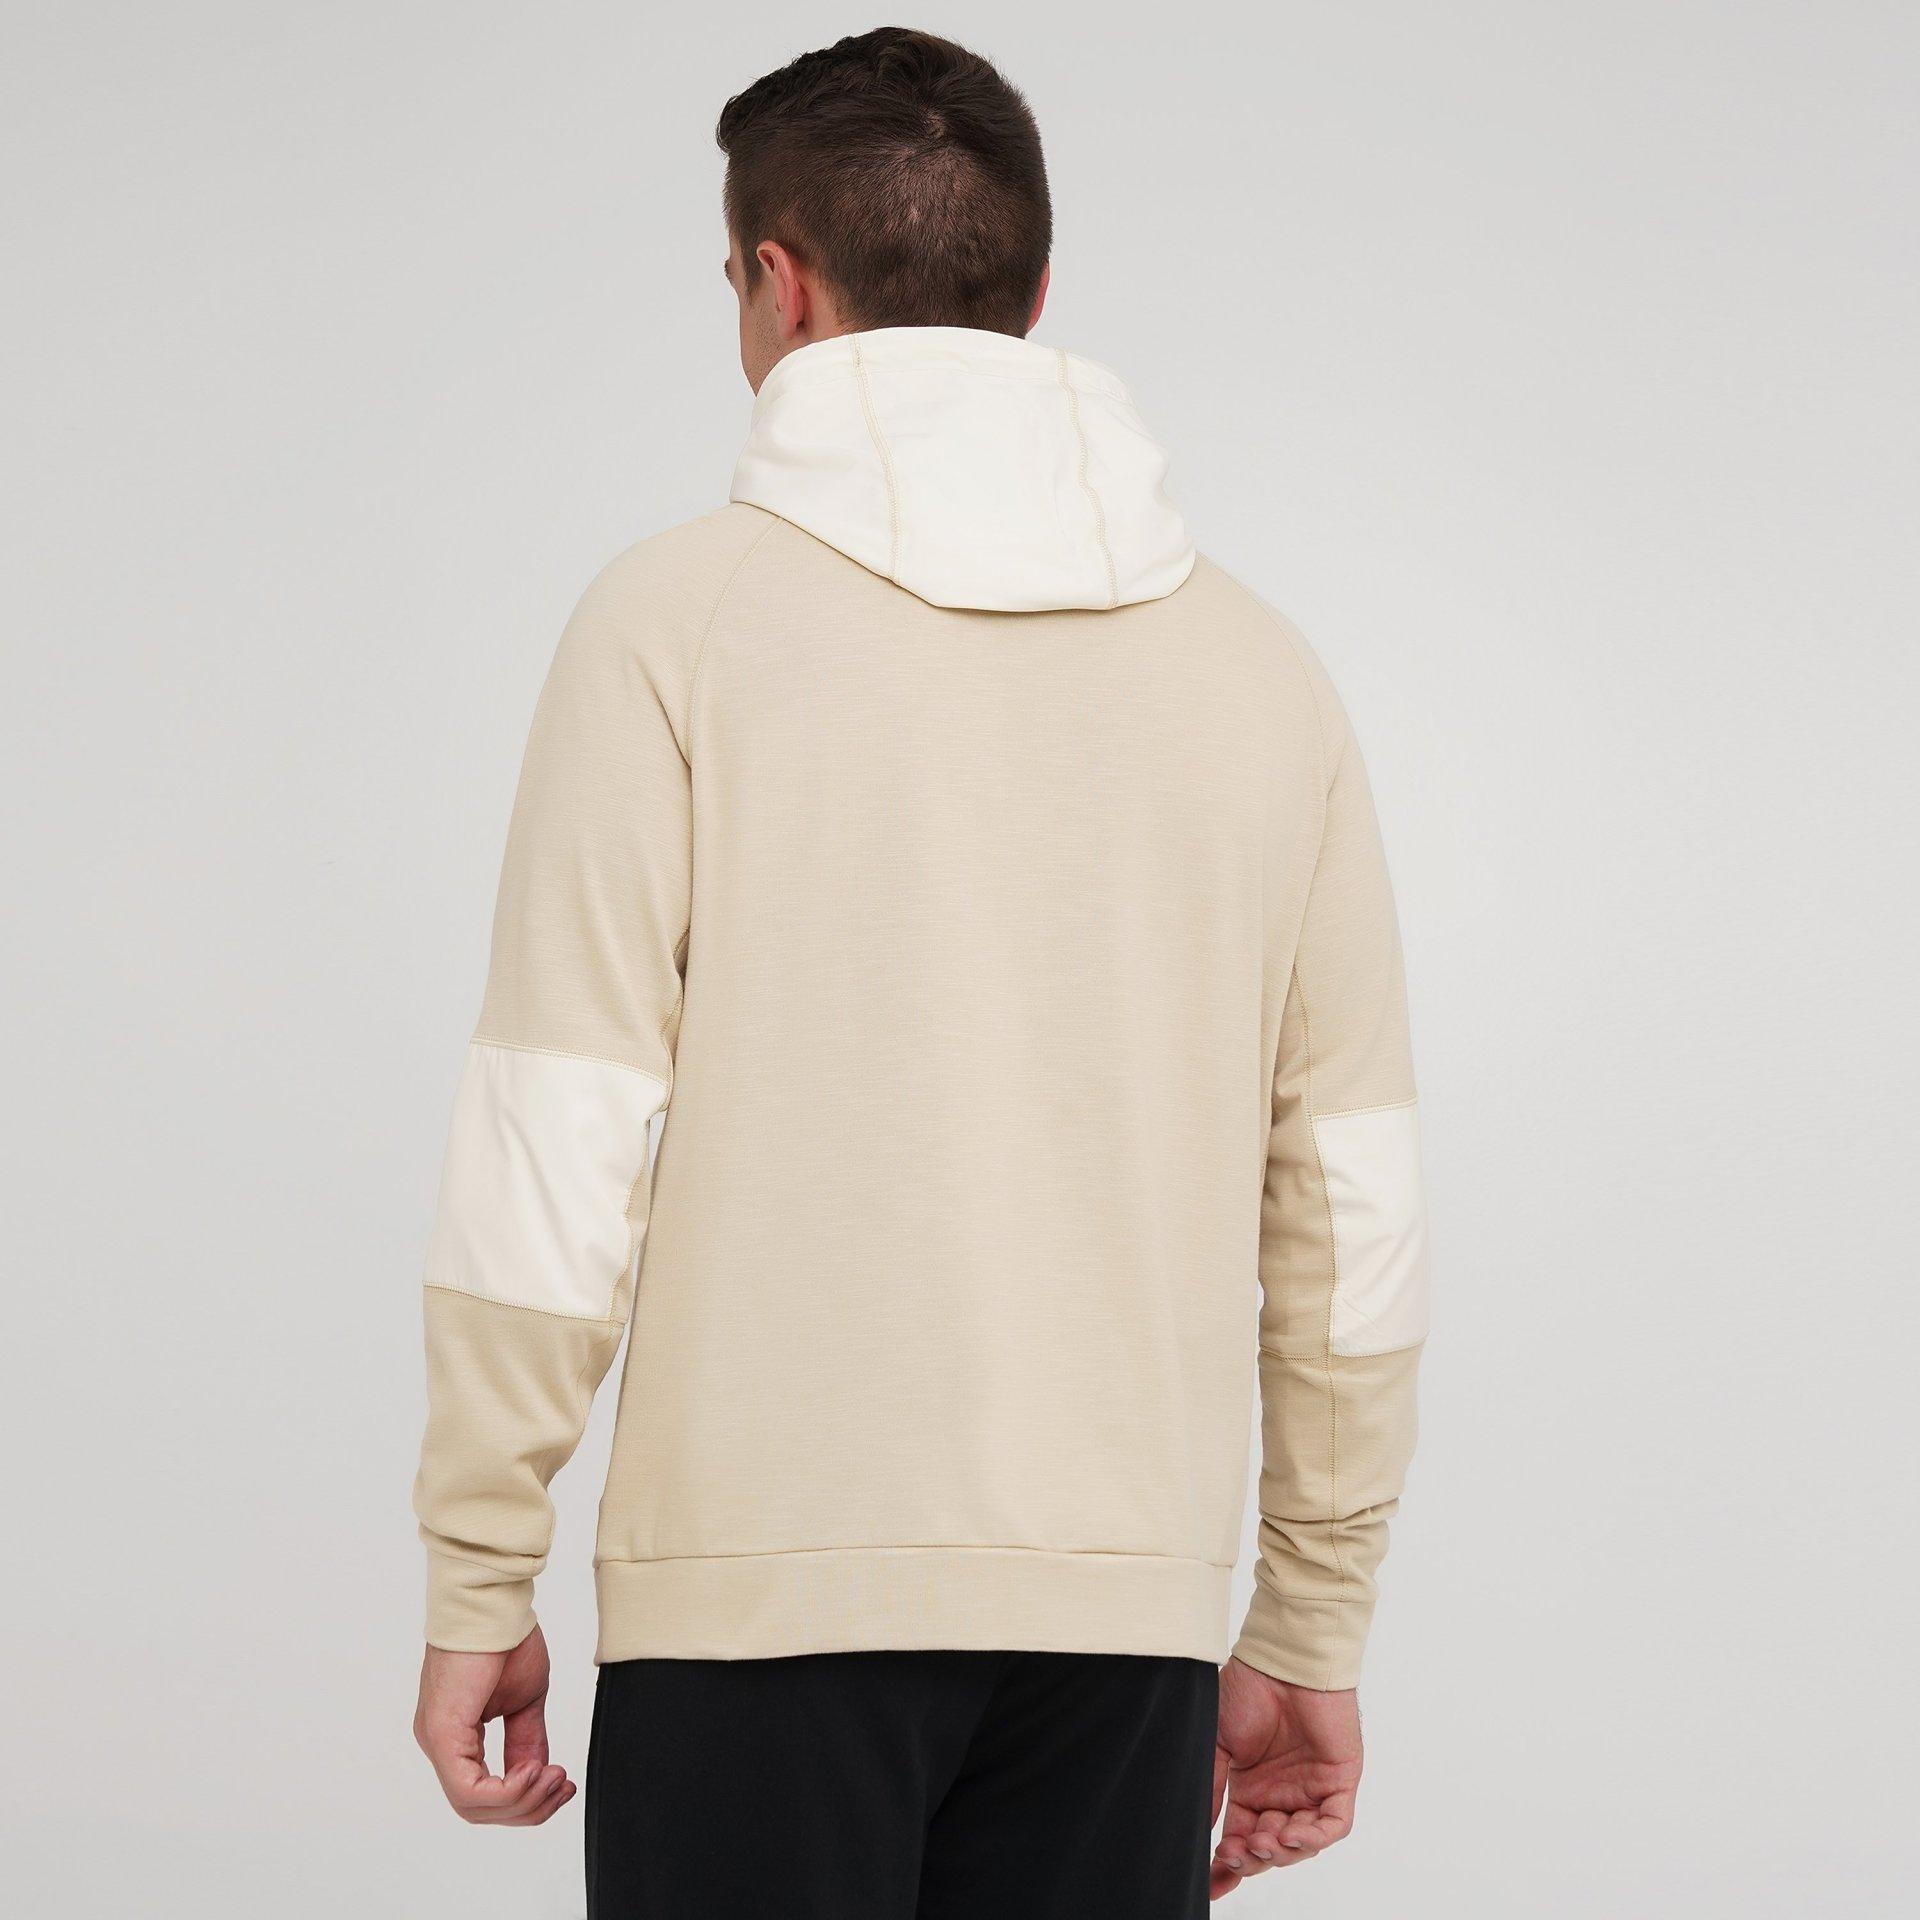 Blusão nsw me fz ltwt hoodie mix NIKE